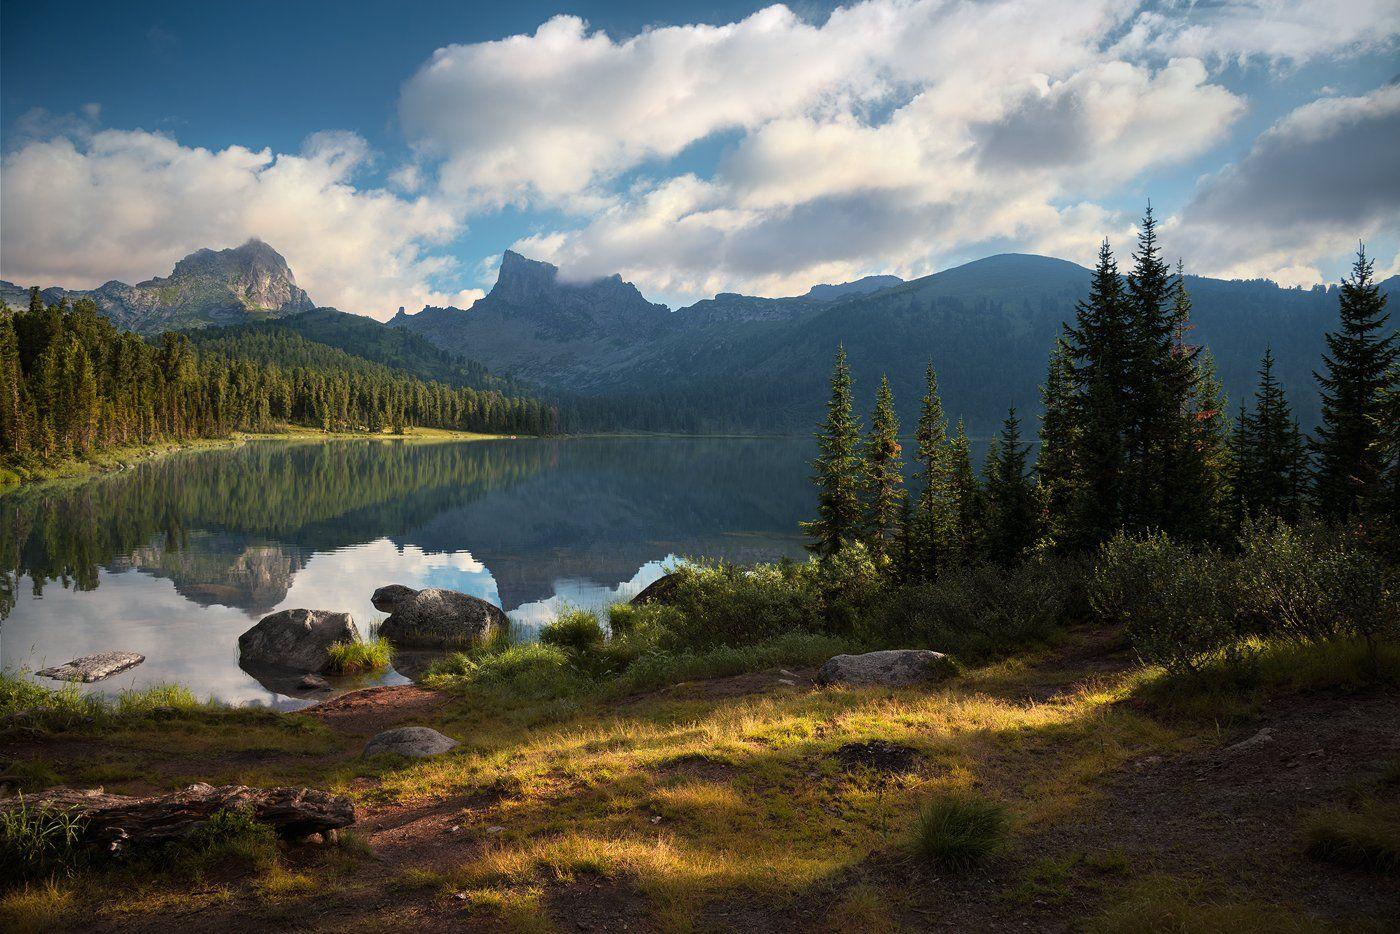 природа, пейзаж, горы, Ергаки, Саяны, скалы, утро, большой, красивая, озеро, камни, берег, лес, холодный, Дмитрий Антипов